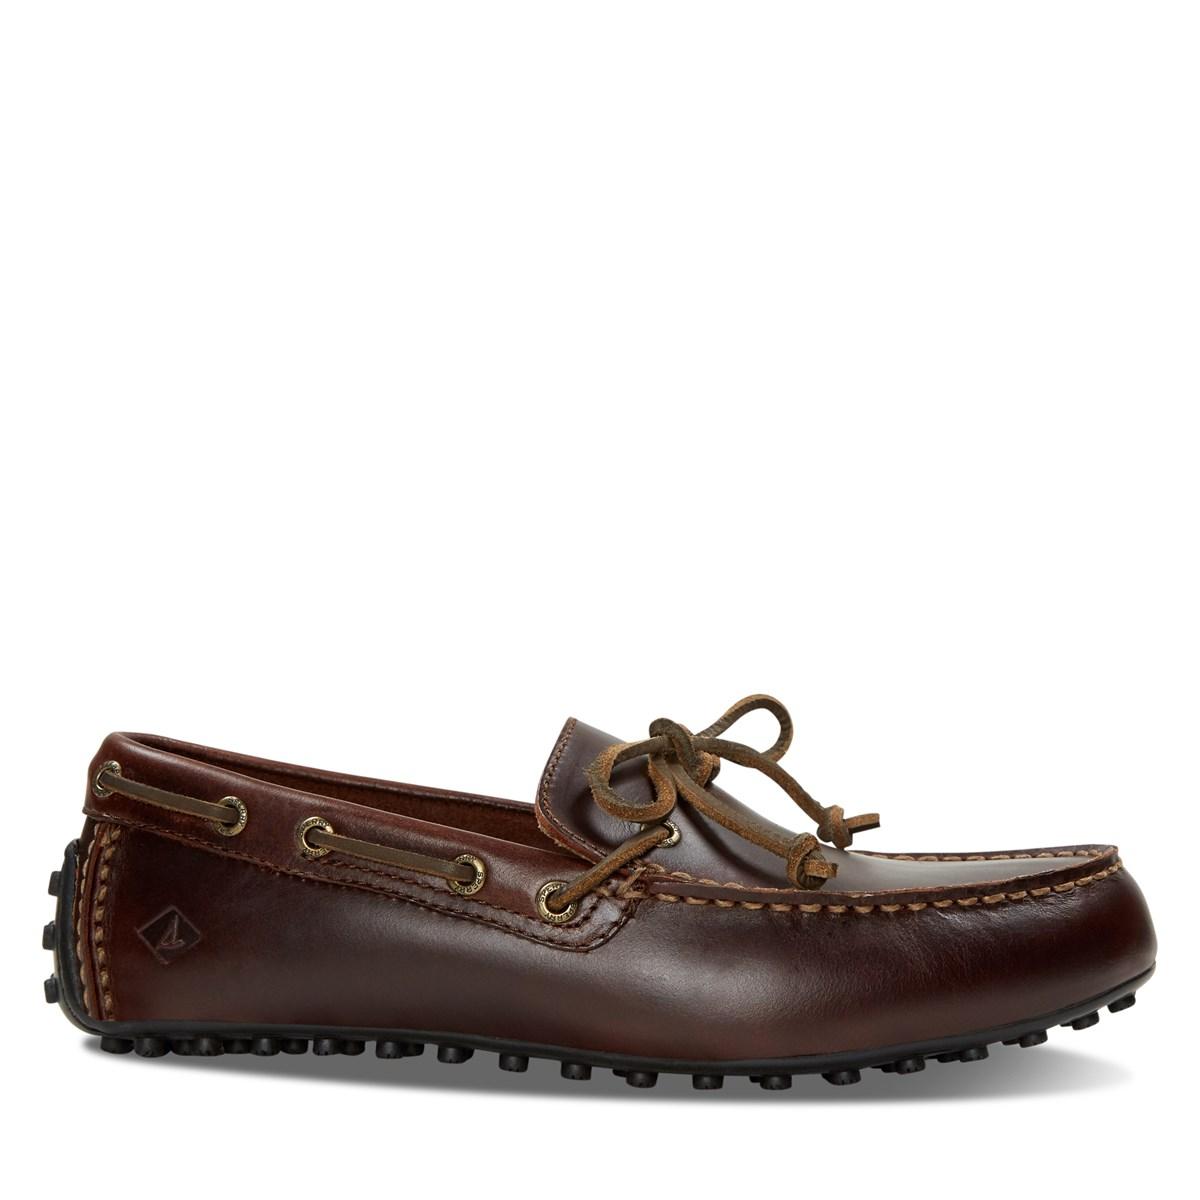 hot sale online e5493 4d664 Hommes Brunes Pour Ii Burgundy Hamilton Bateau Eye Chaussures Little 1  XZ0EYq